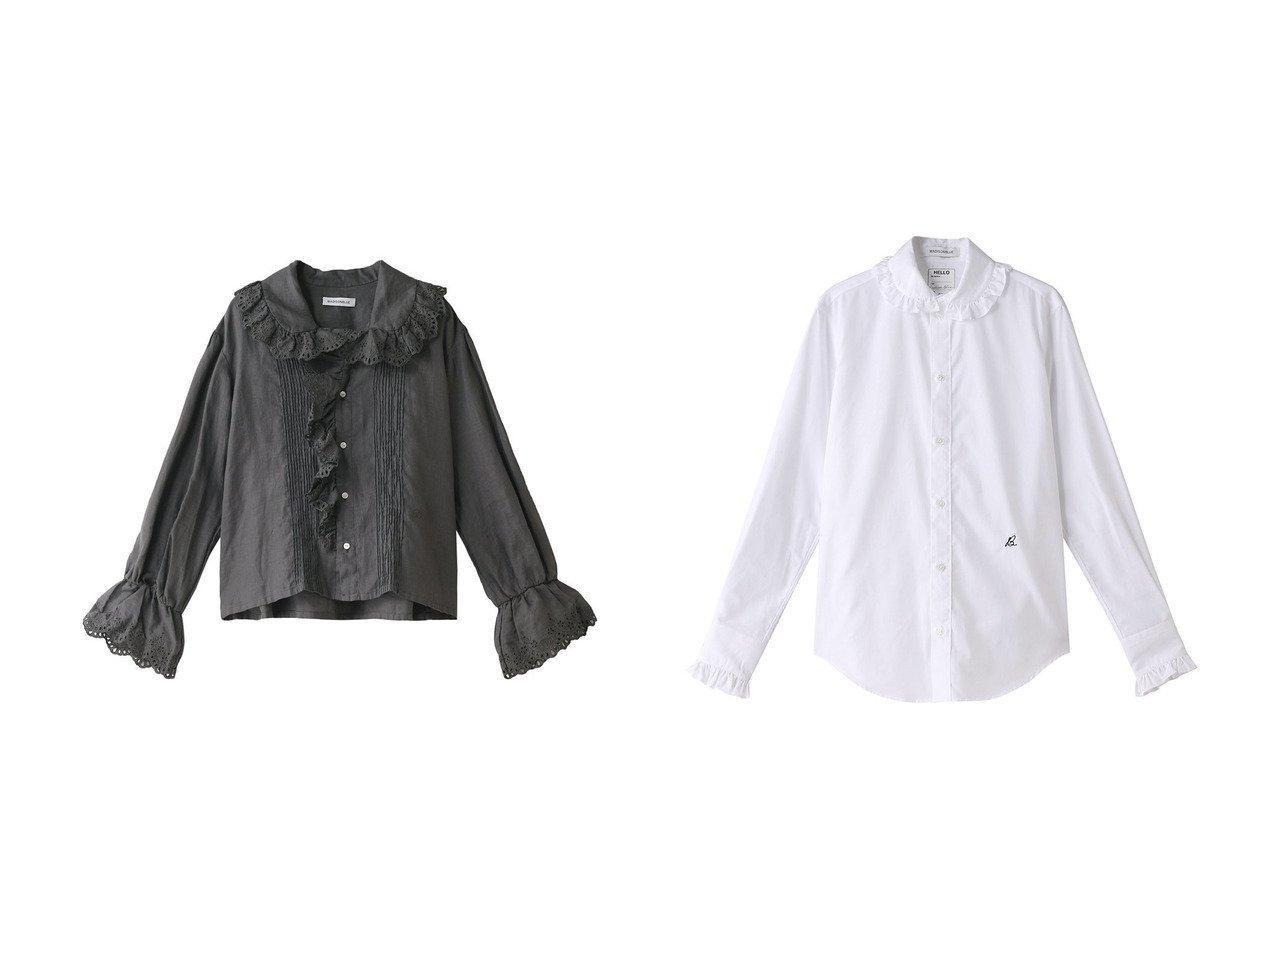 【MADISONBLUE/マディソンブルー】のリネン刺繍レースブラウス&ラウンドカラーフリルシャツ MADISONBLUEのおすすめ!人気、トレンド・レディースファッションの通販 おすすめで人気の流行・トレンド、ファッションの通販商品 メンズファッション・キッズファッション・インテリア・家具・レディースファッション・服の通販 founy(ファニー) https://founy.com/ ファッション Fashion レディースファッション WOMEN トップス Tops Tshirt シャツ/ブラウス Shirts Blouses 2021年 2021 2021 春夏 S/S SS Spring/Summer 2021 S/S 春夏 SS Spring/Summer スリーブ リネン レース ロング ヴィンテージ 春 Spring |ID:crp329100000016899